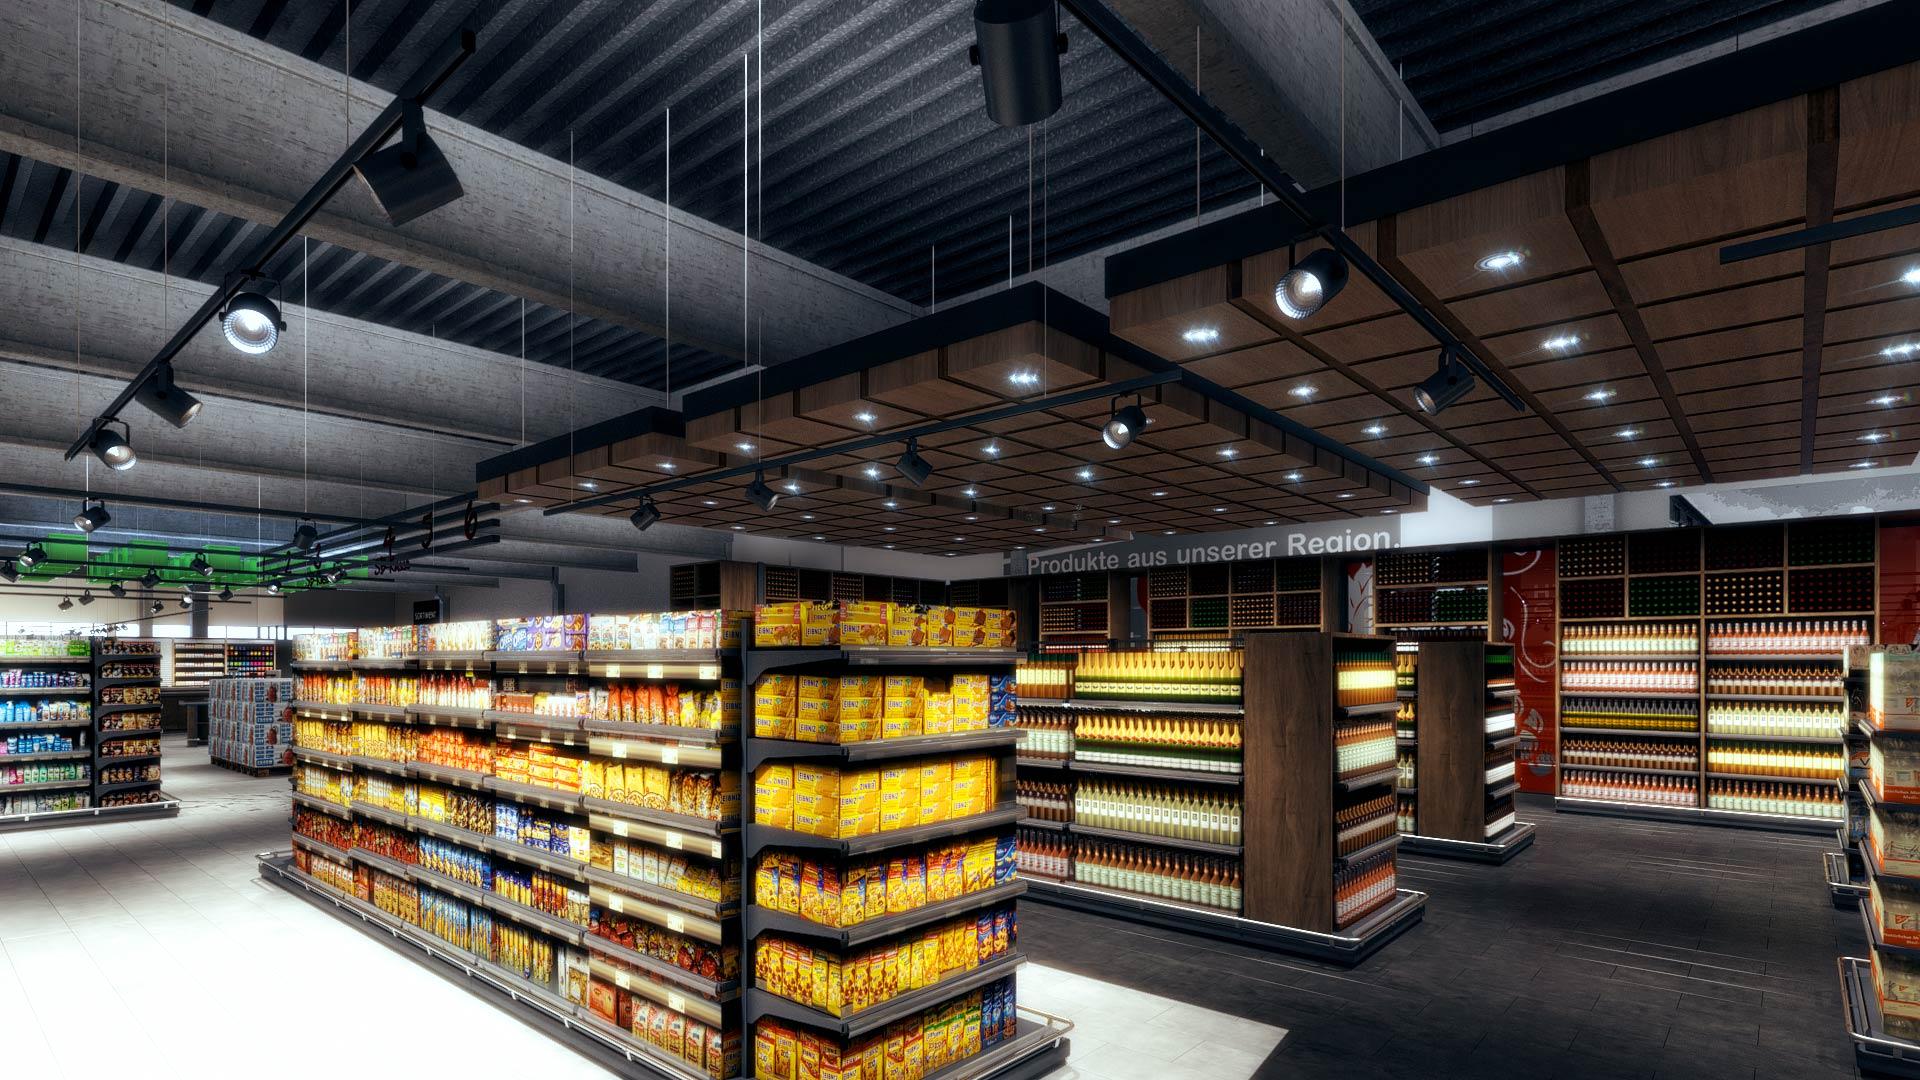 3D_Architekturvisualisierung_interior_Einzelhandel_EDEKA_Iserlohn_wein_Innenausbau EDEKA Iserlohn Innenarchitektur